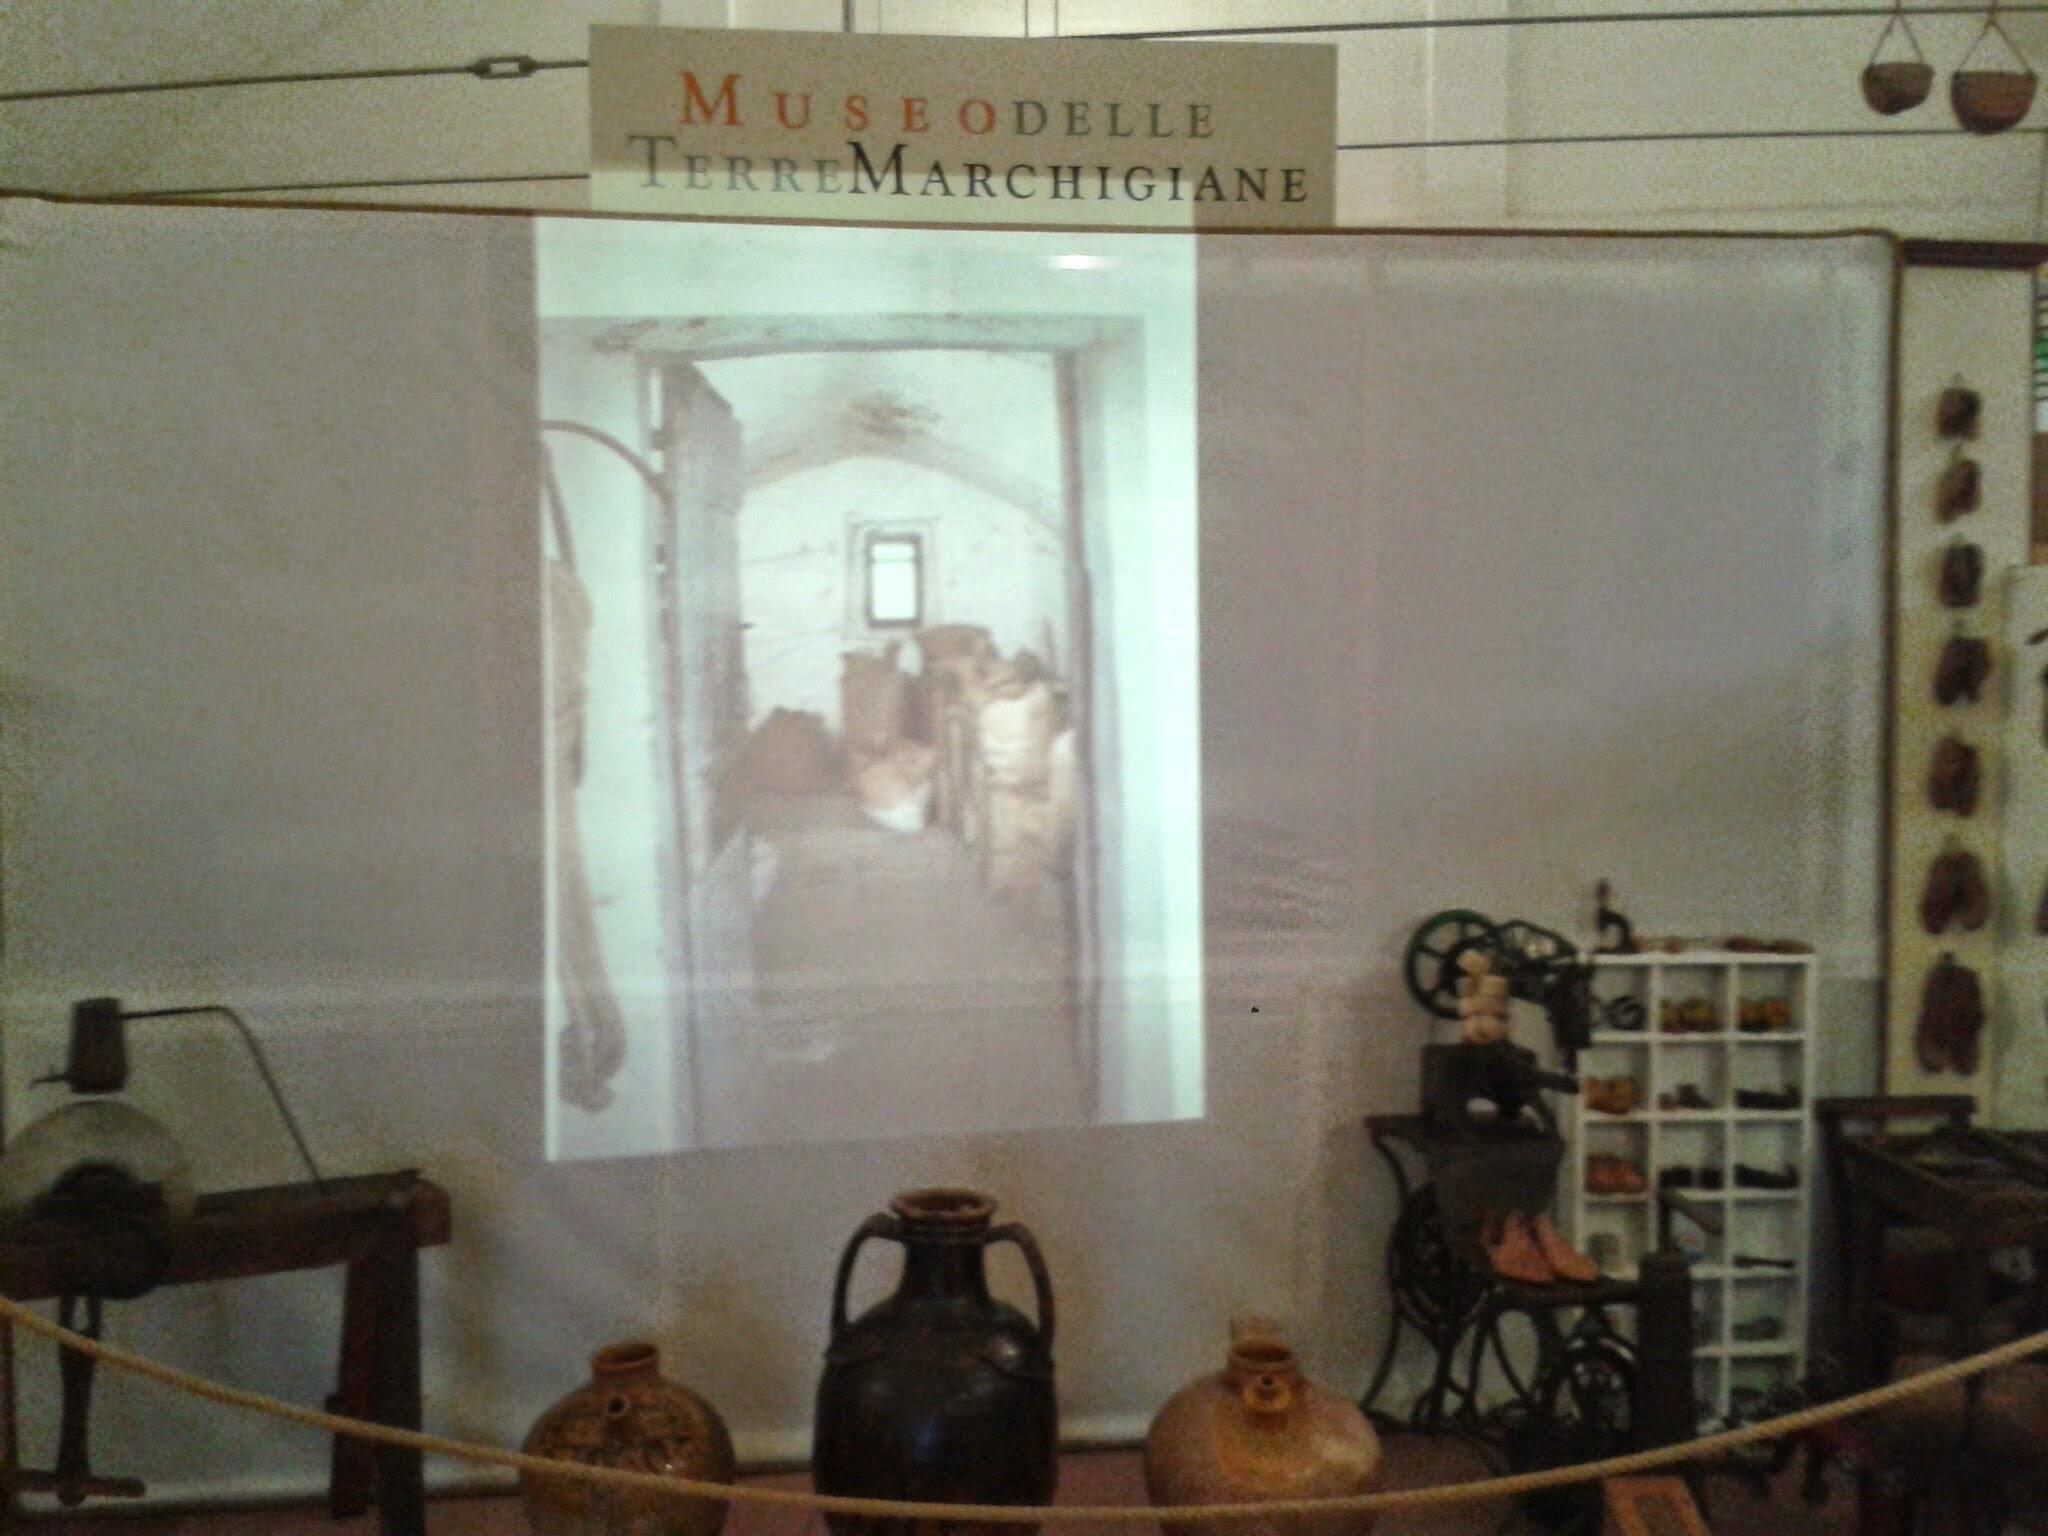 Il Museo delle Terre Marchigiane